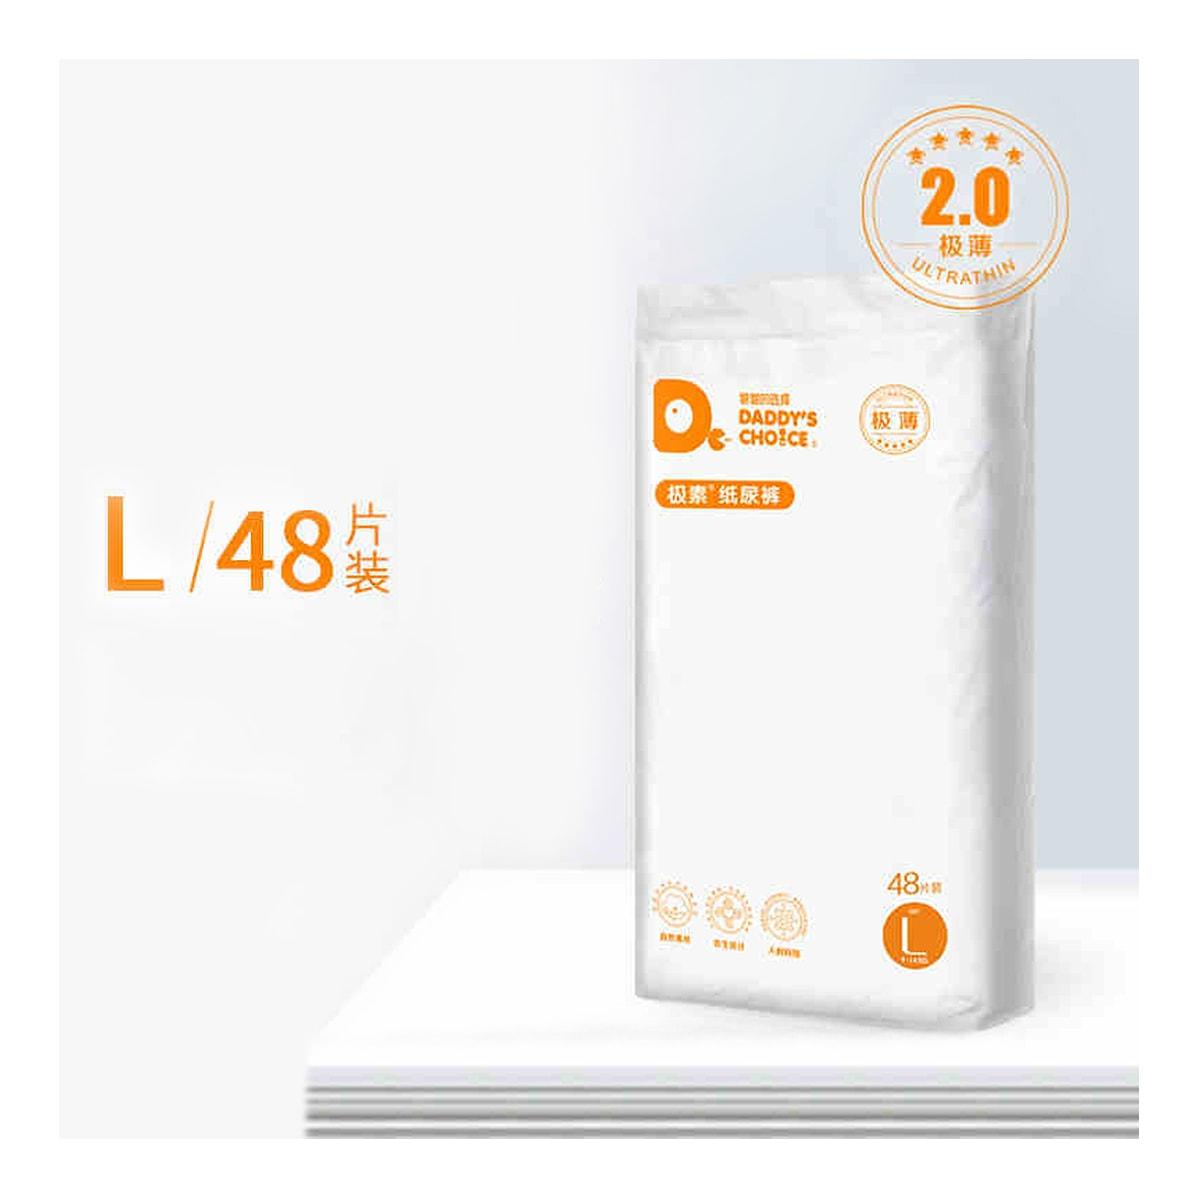 爸爸的选择 极薄2.0男女宝宝通用款干爽纸尿裤 L码 9-14kg 48片入